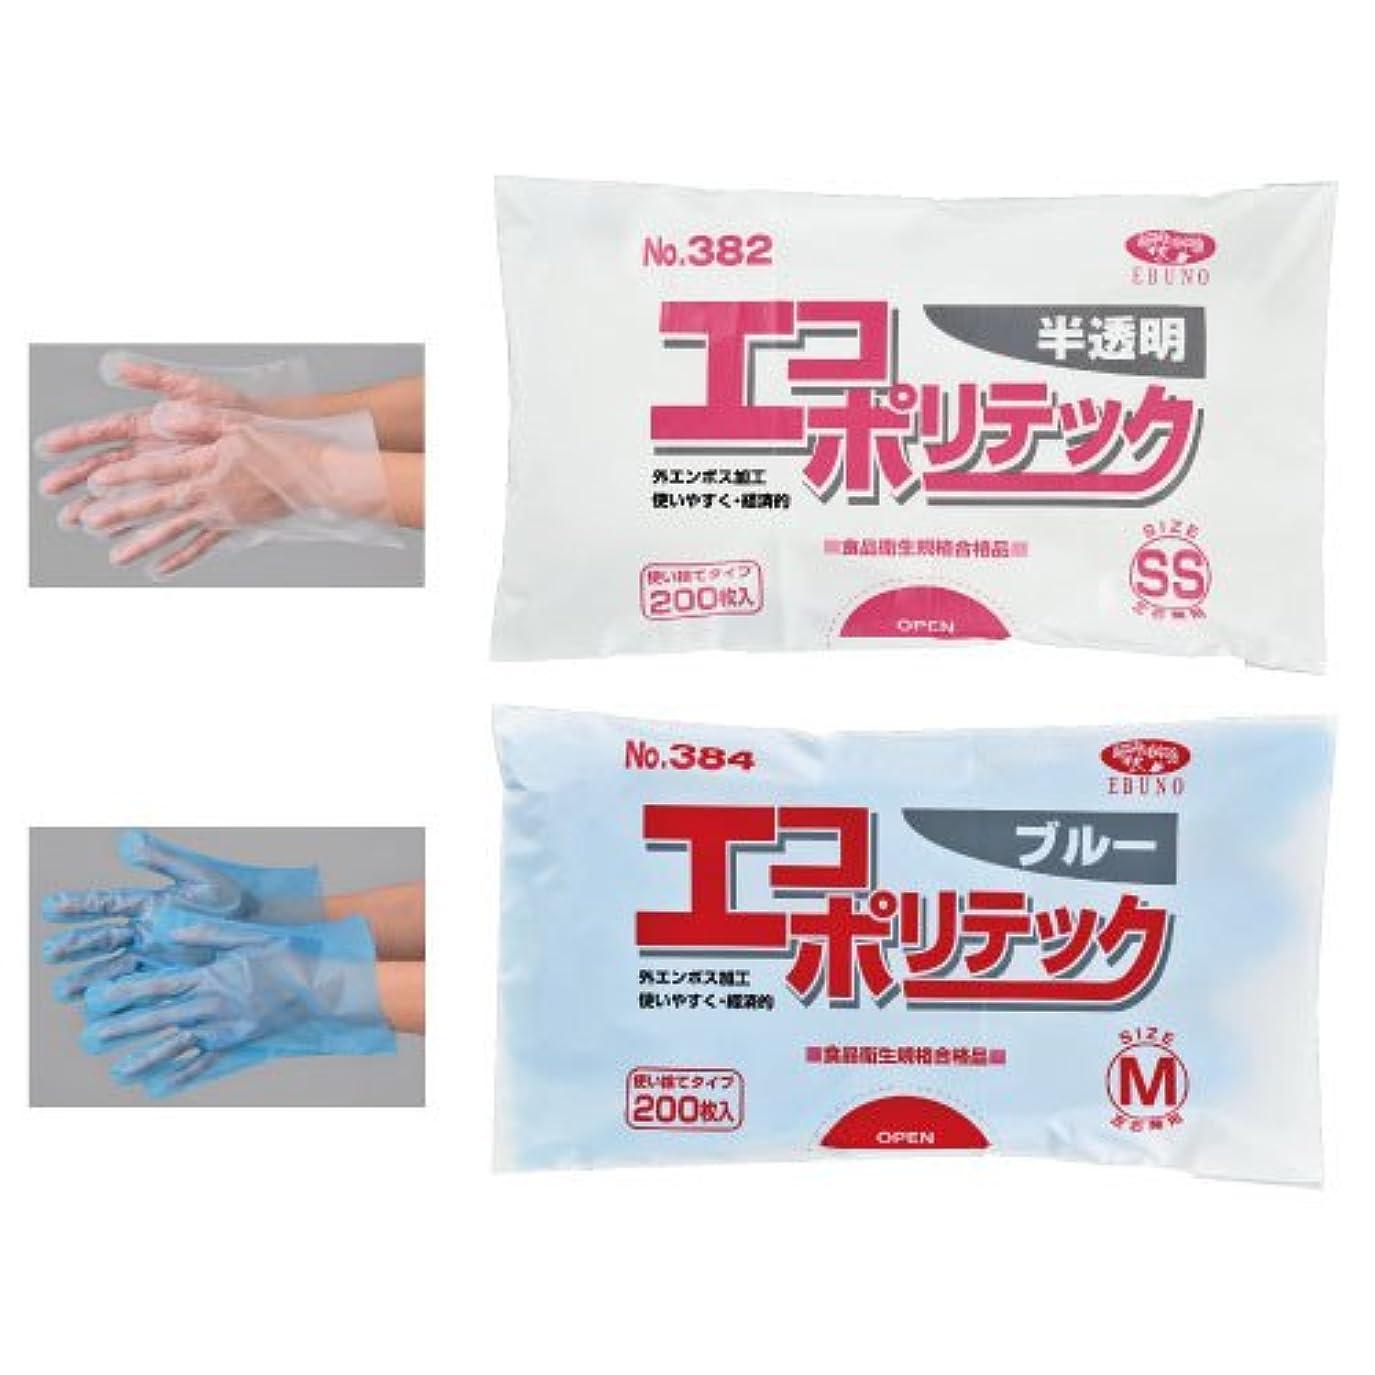 意味するワンダー迫害エブノ ポリエチレン手袋 No.382 L 半透明 (200枚×30袋) エコポリテック 袋入